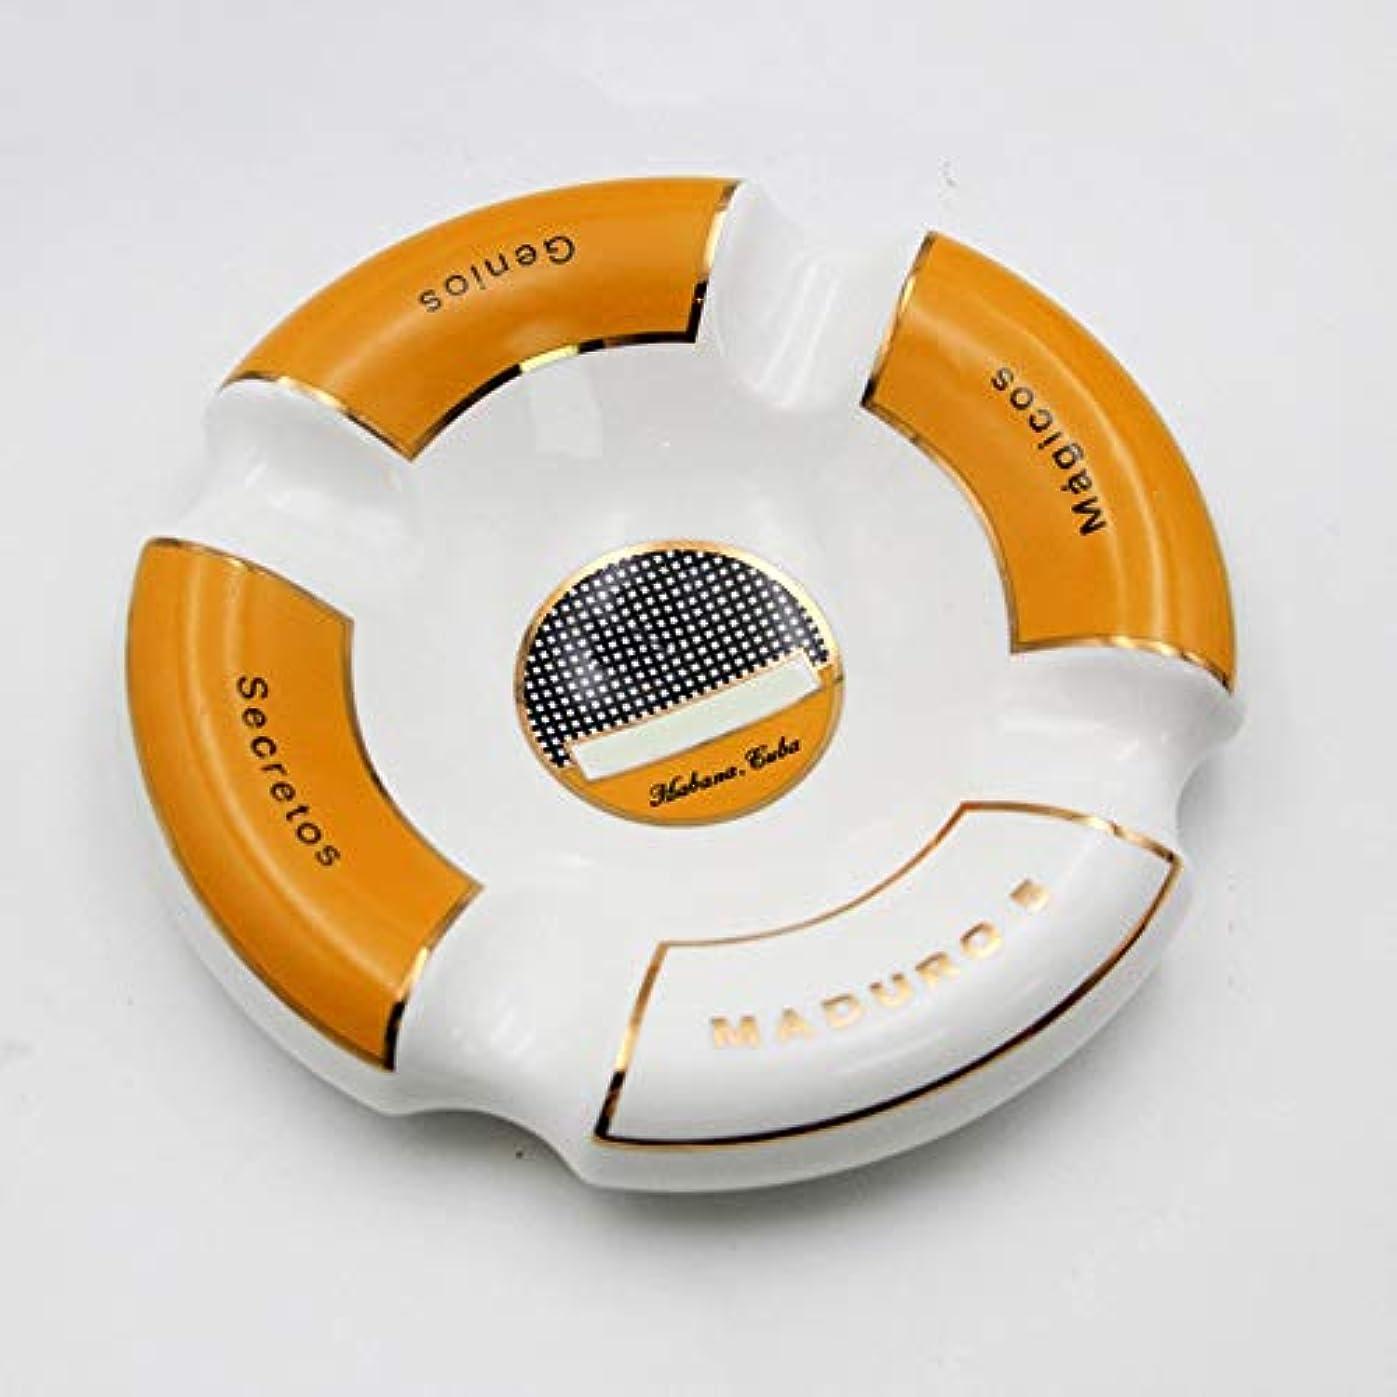 配送スチュアート島不十分なタバコ、ギフトおよび総本店の装飾のための灰皿円形の光沢のあるセラミック灰皿